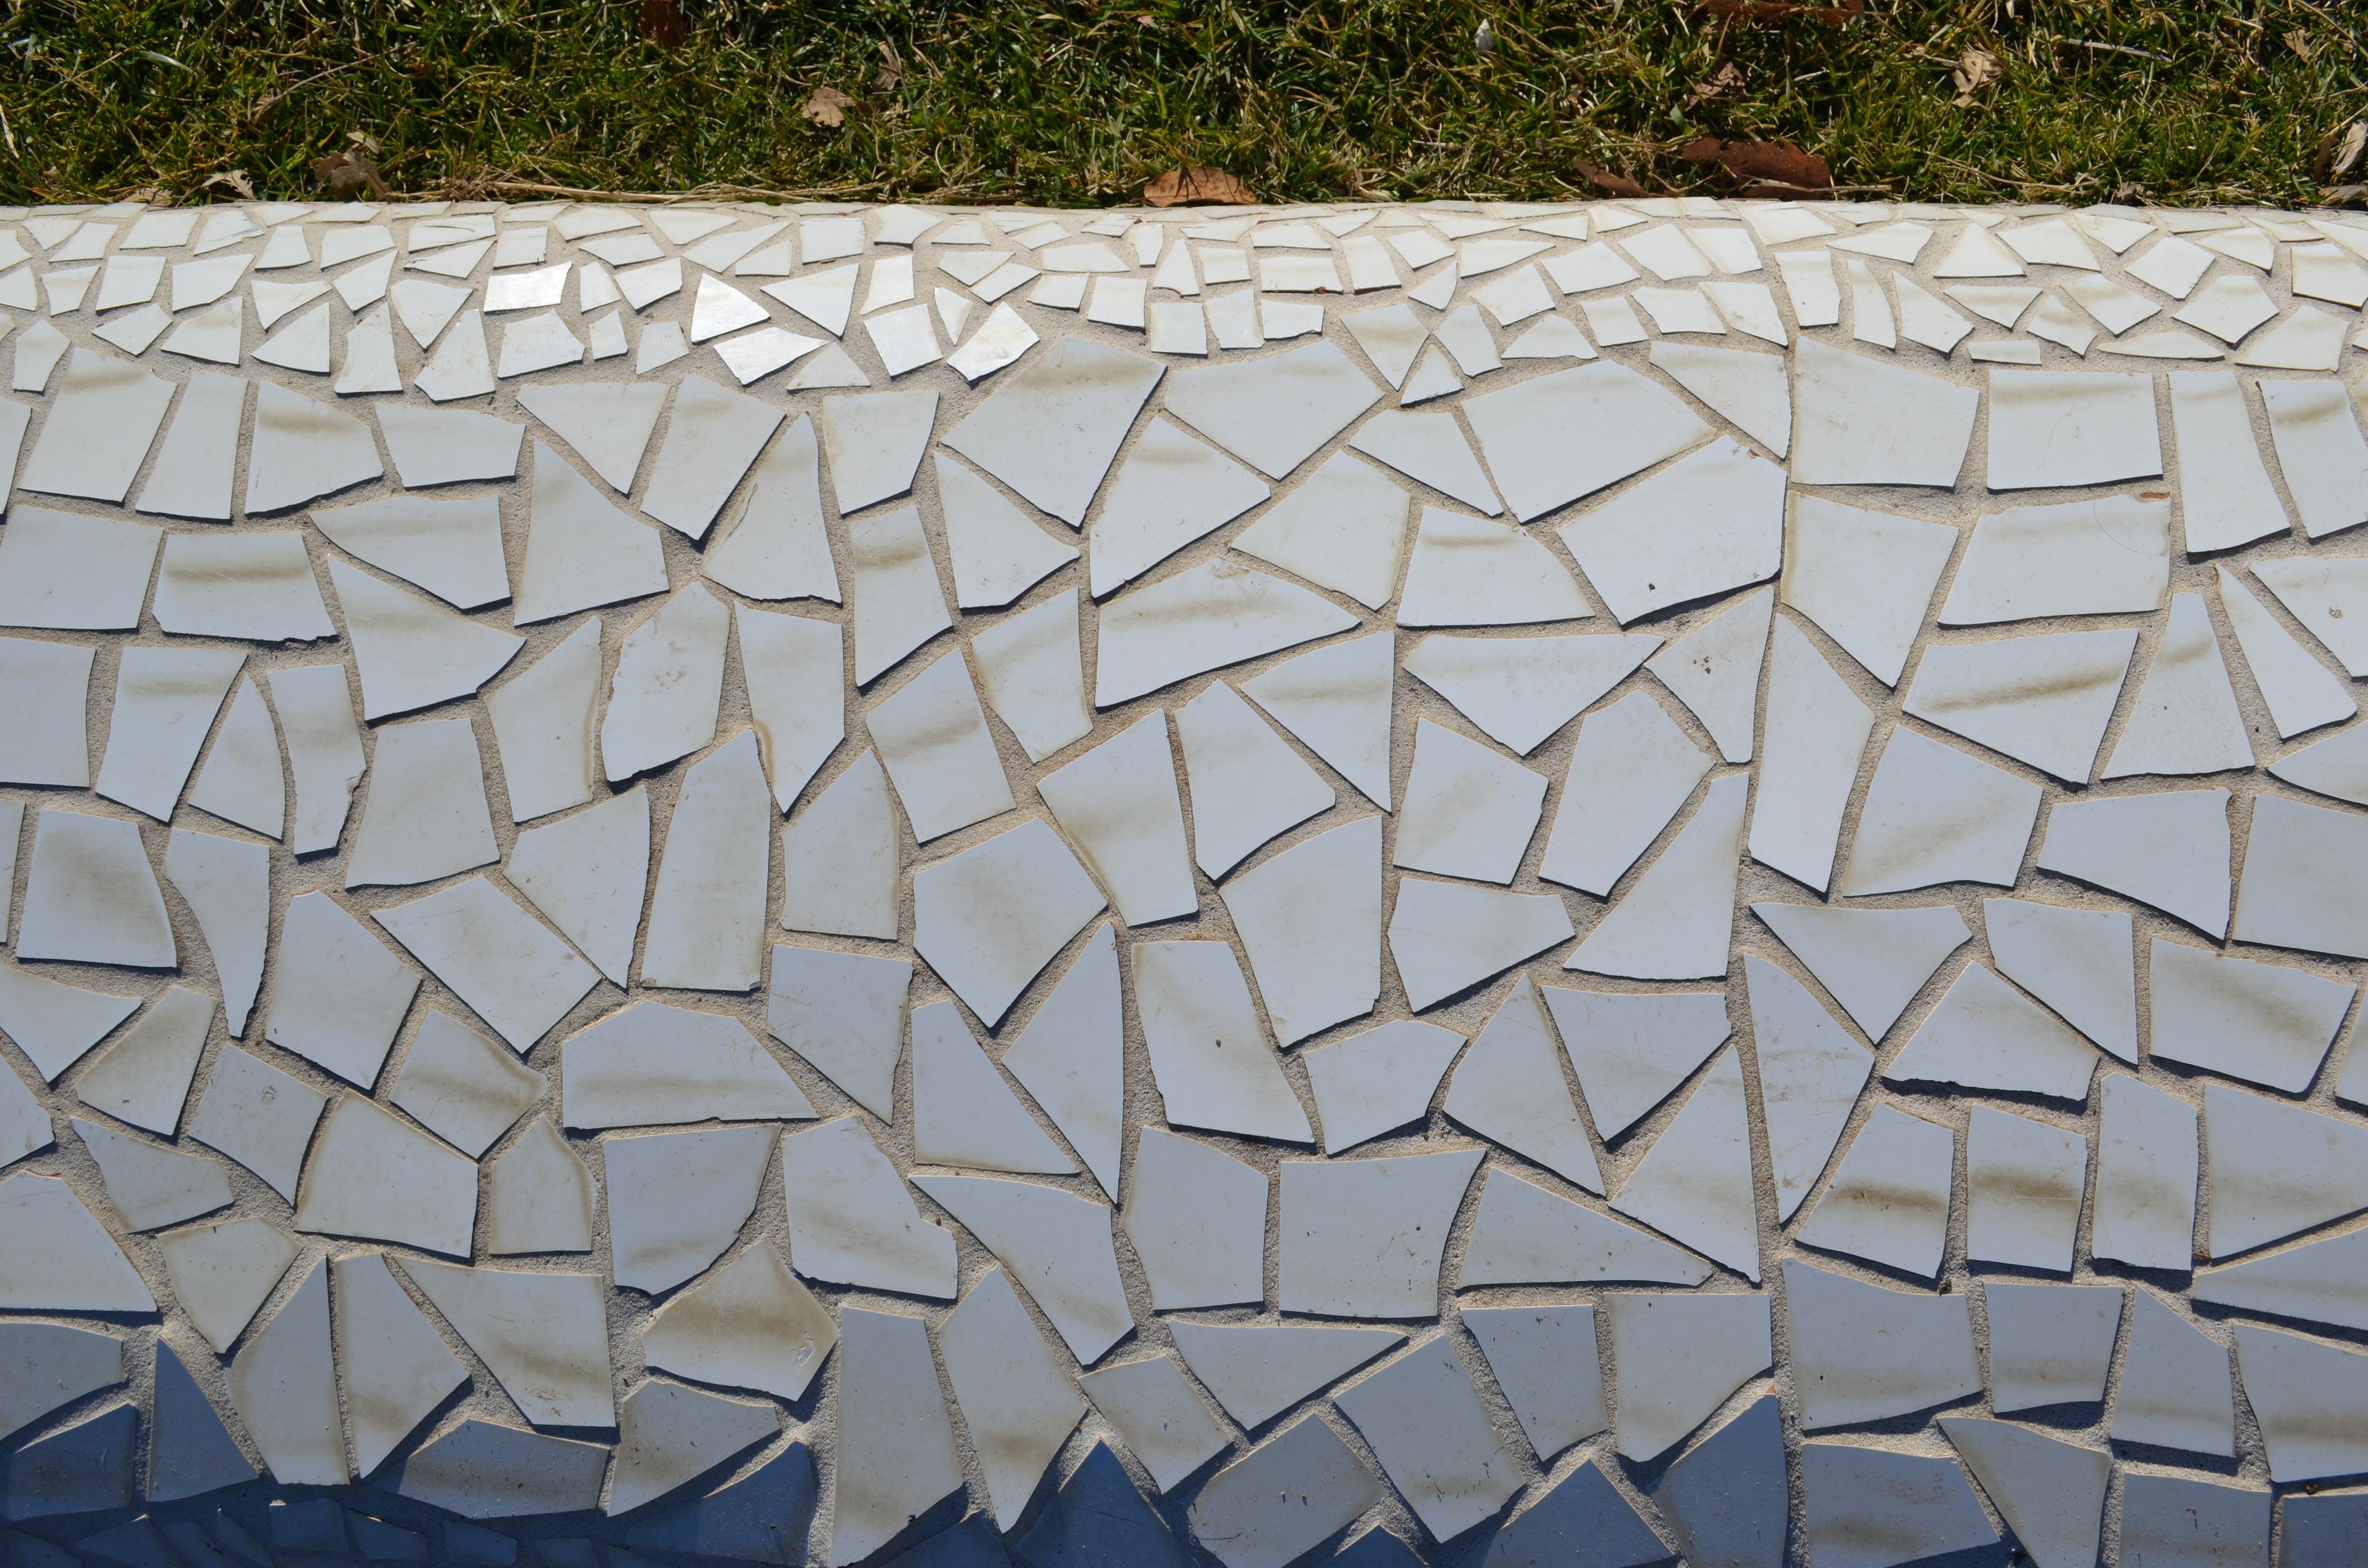 Kreativ Scharf Licht Weiß Textur Glas Mauer Dekoration Muster Gebrochen  Fliese Kalifornien Material Gezackt Kunst Entwurf